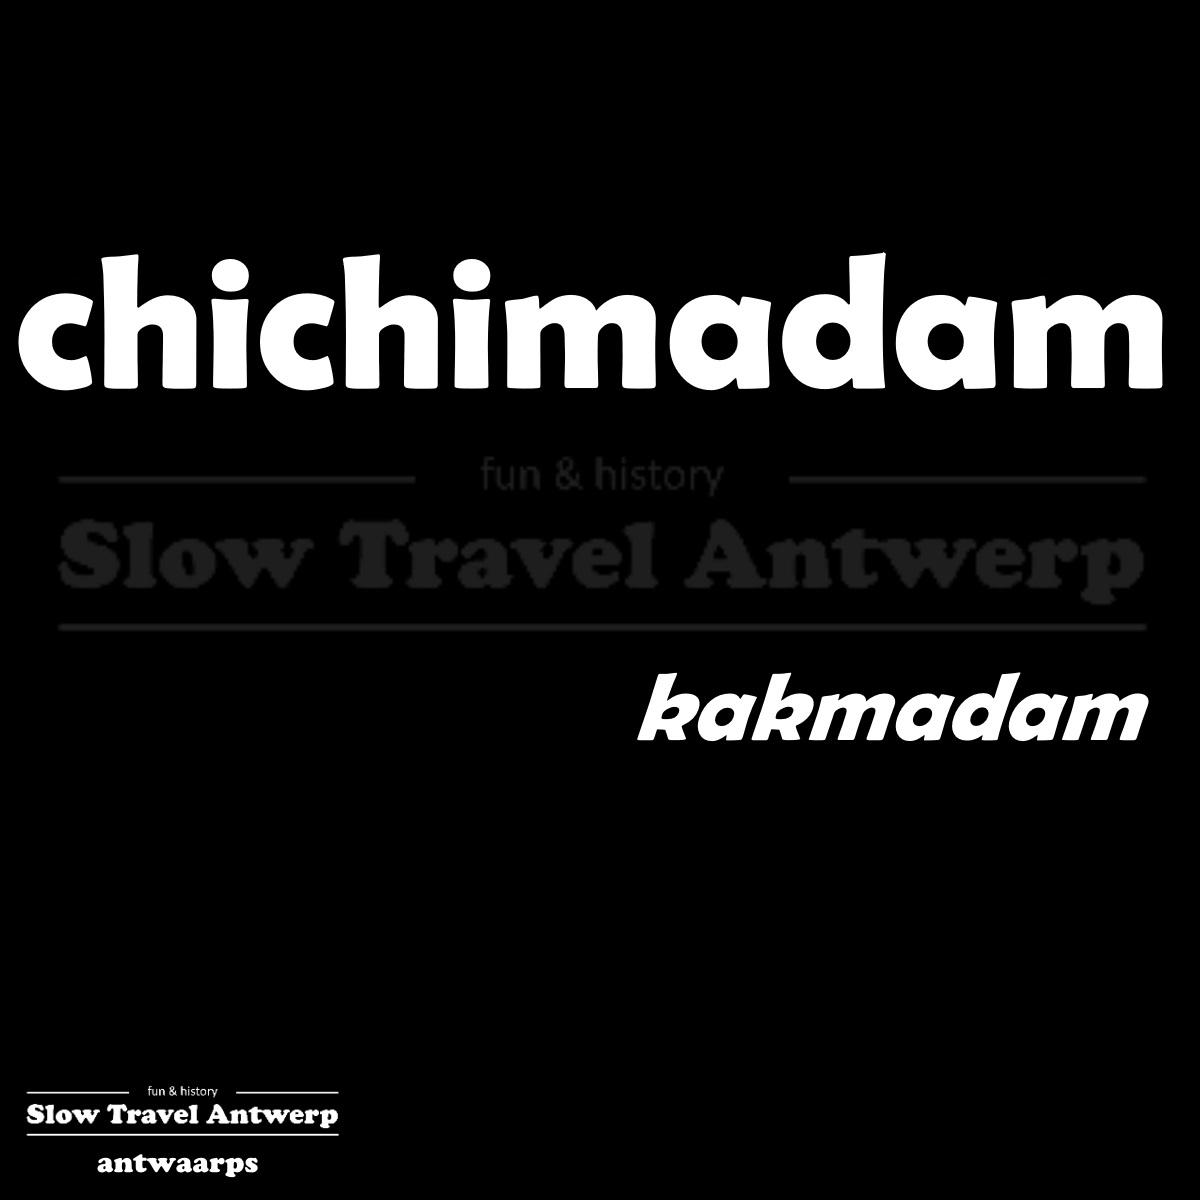 chichimadam – kakmadam – vain woman